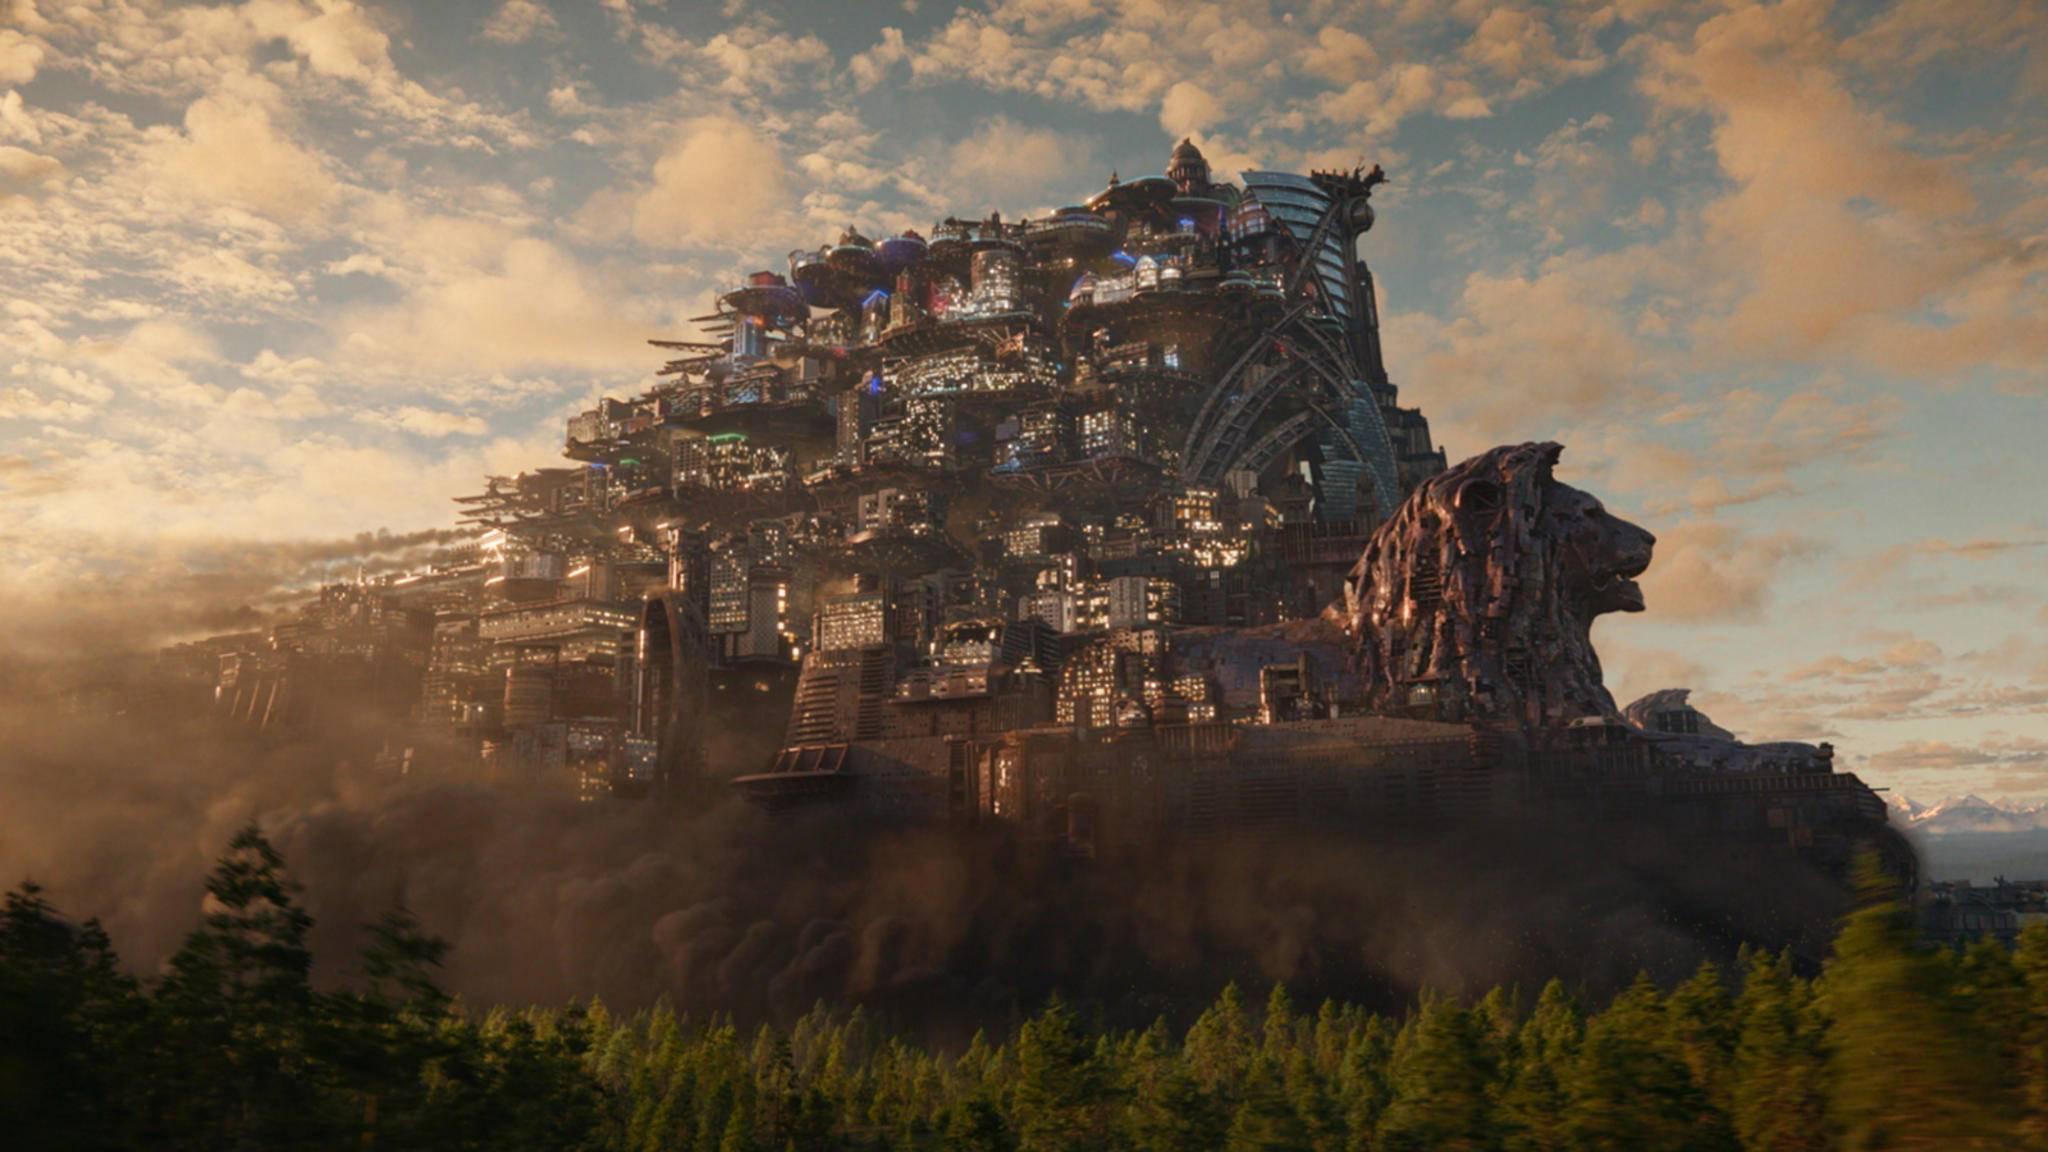 """Imposante Bilder wie in """"Mortal Engines"""" machen einen Film leider nicht automatisch zum finanziellen Erfolg."""